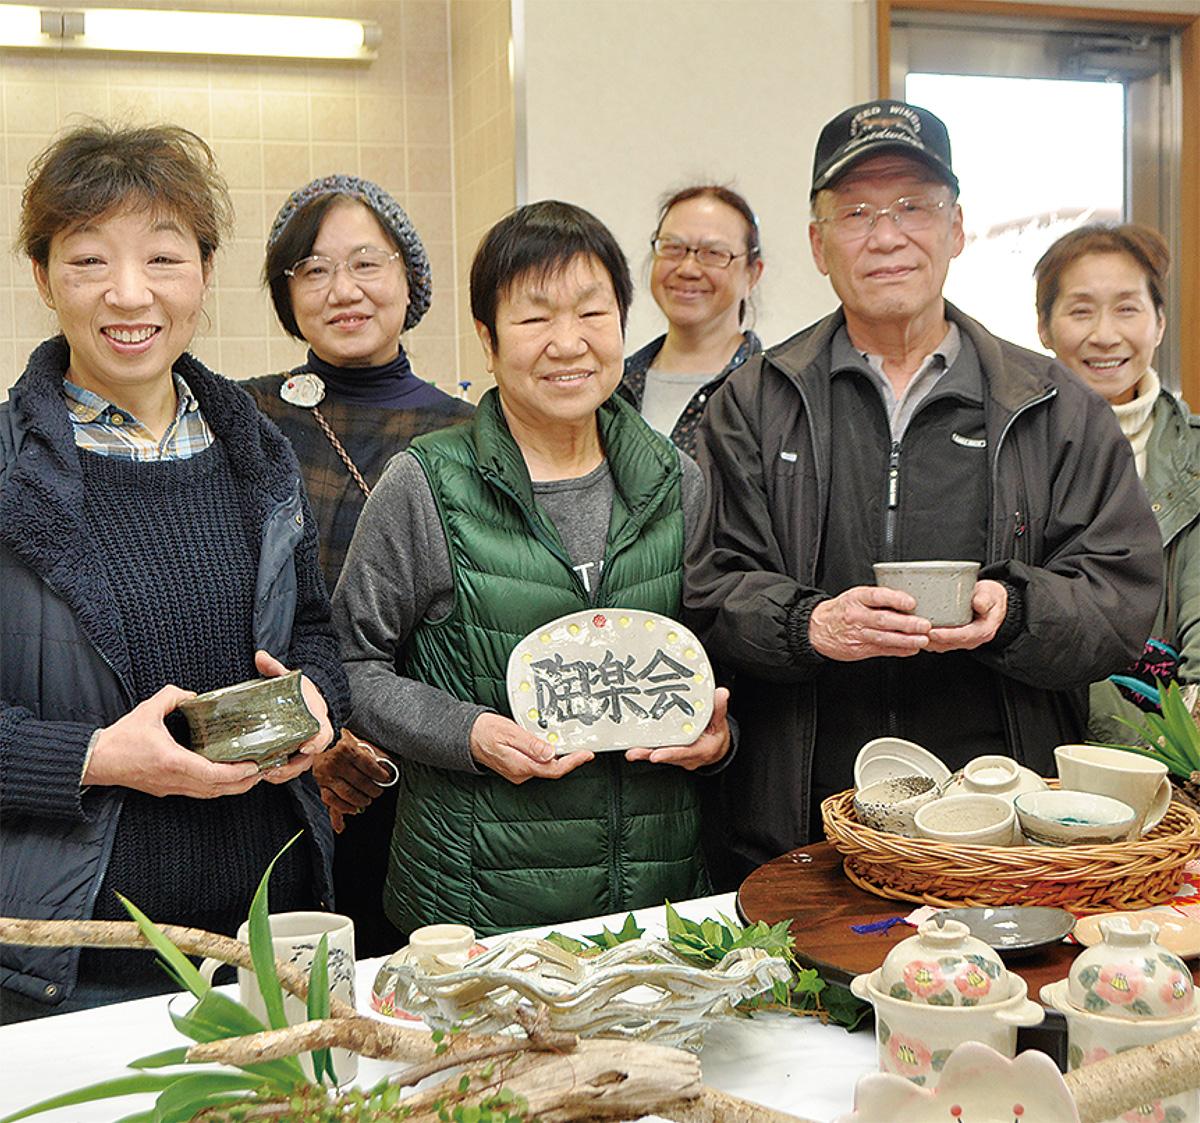 抹茶茶わんを手にする高橋さん(前列右)